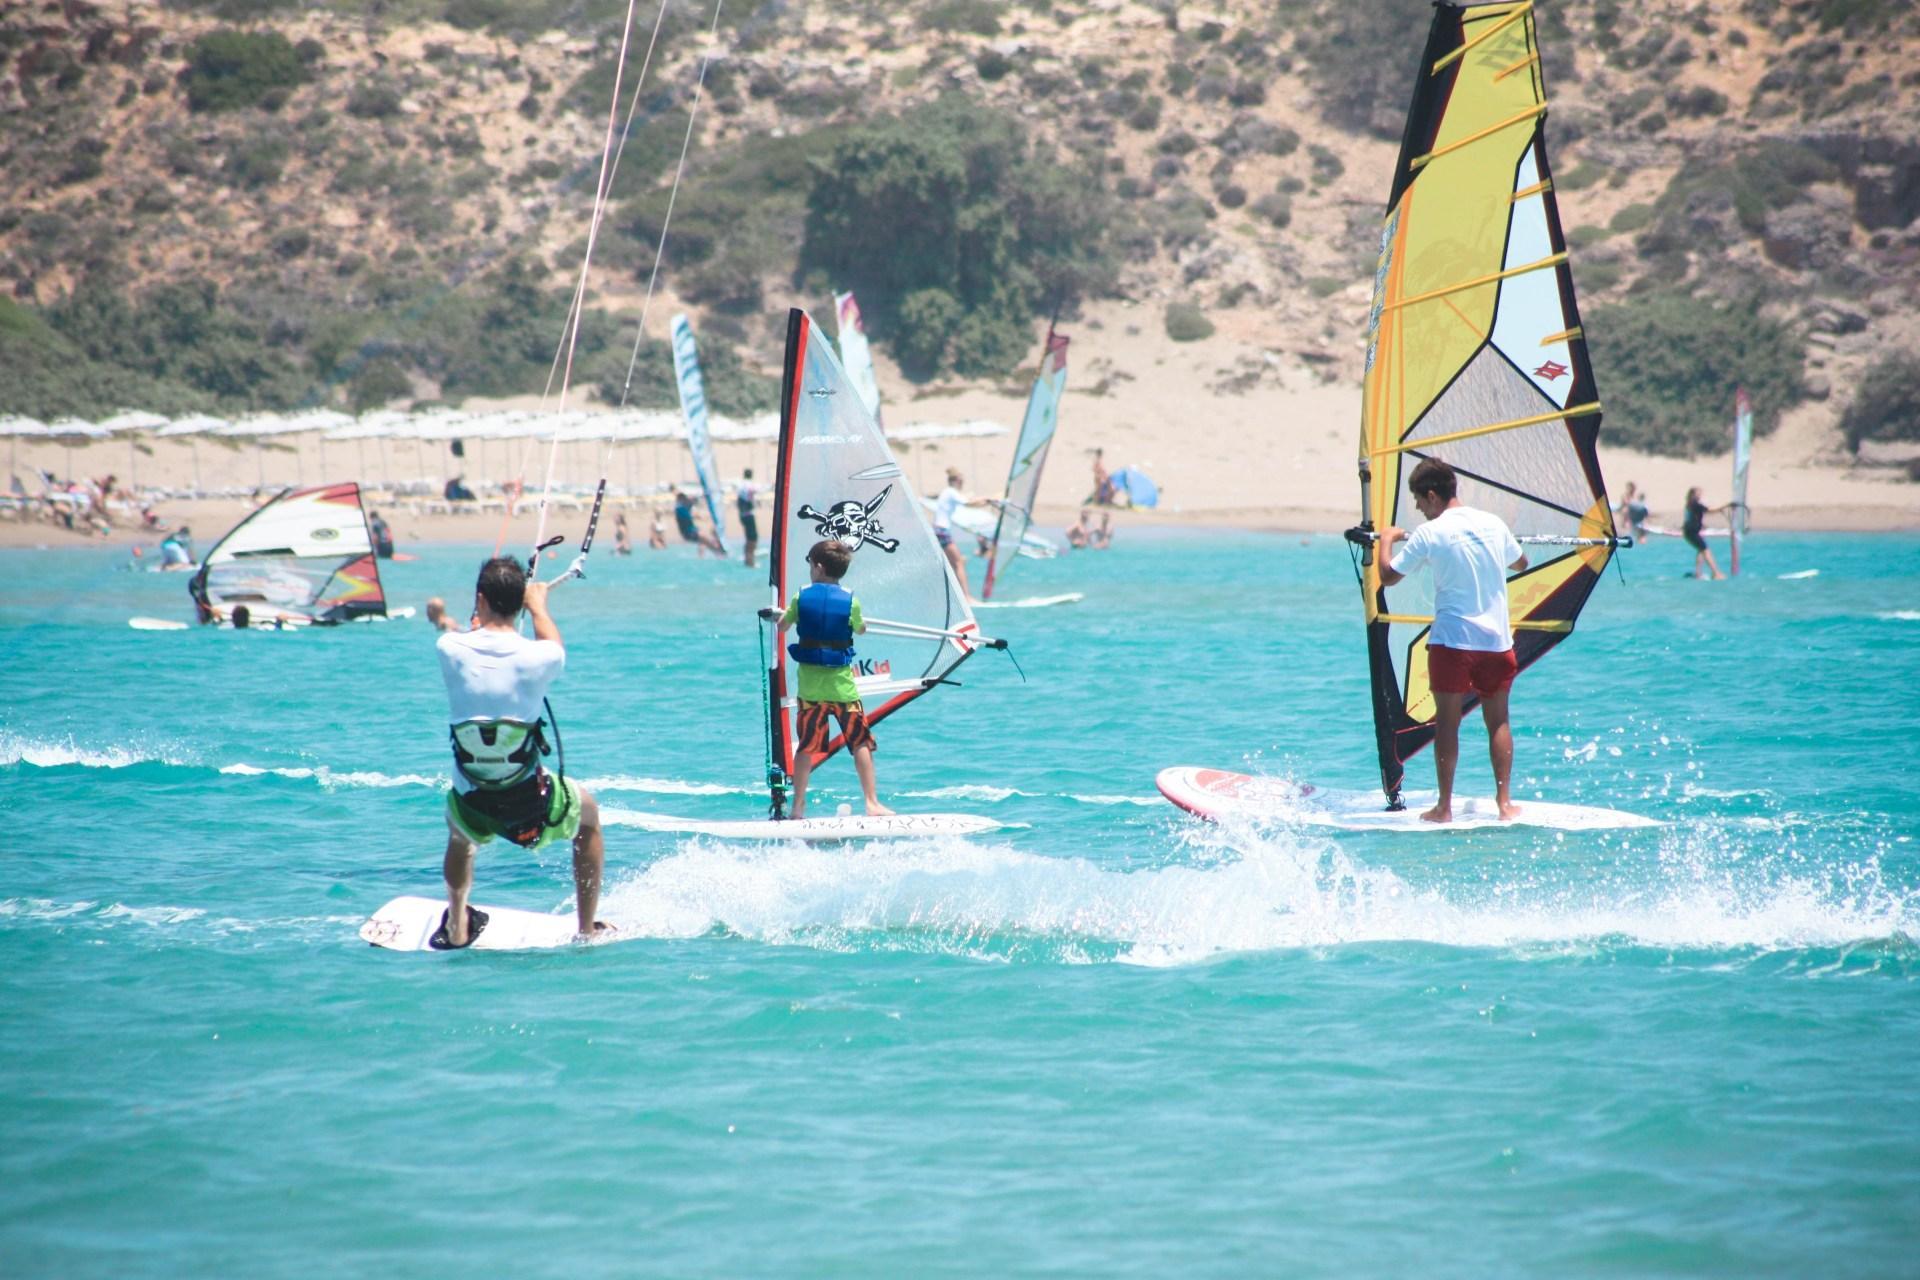 Родос предлагает туристам множество развлечений, таких как: Дайвинг; Серфинг; Снорклинг; Многочисленные экскурсии